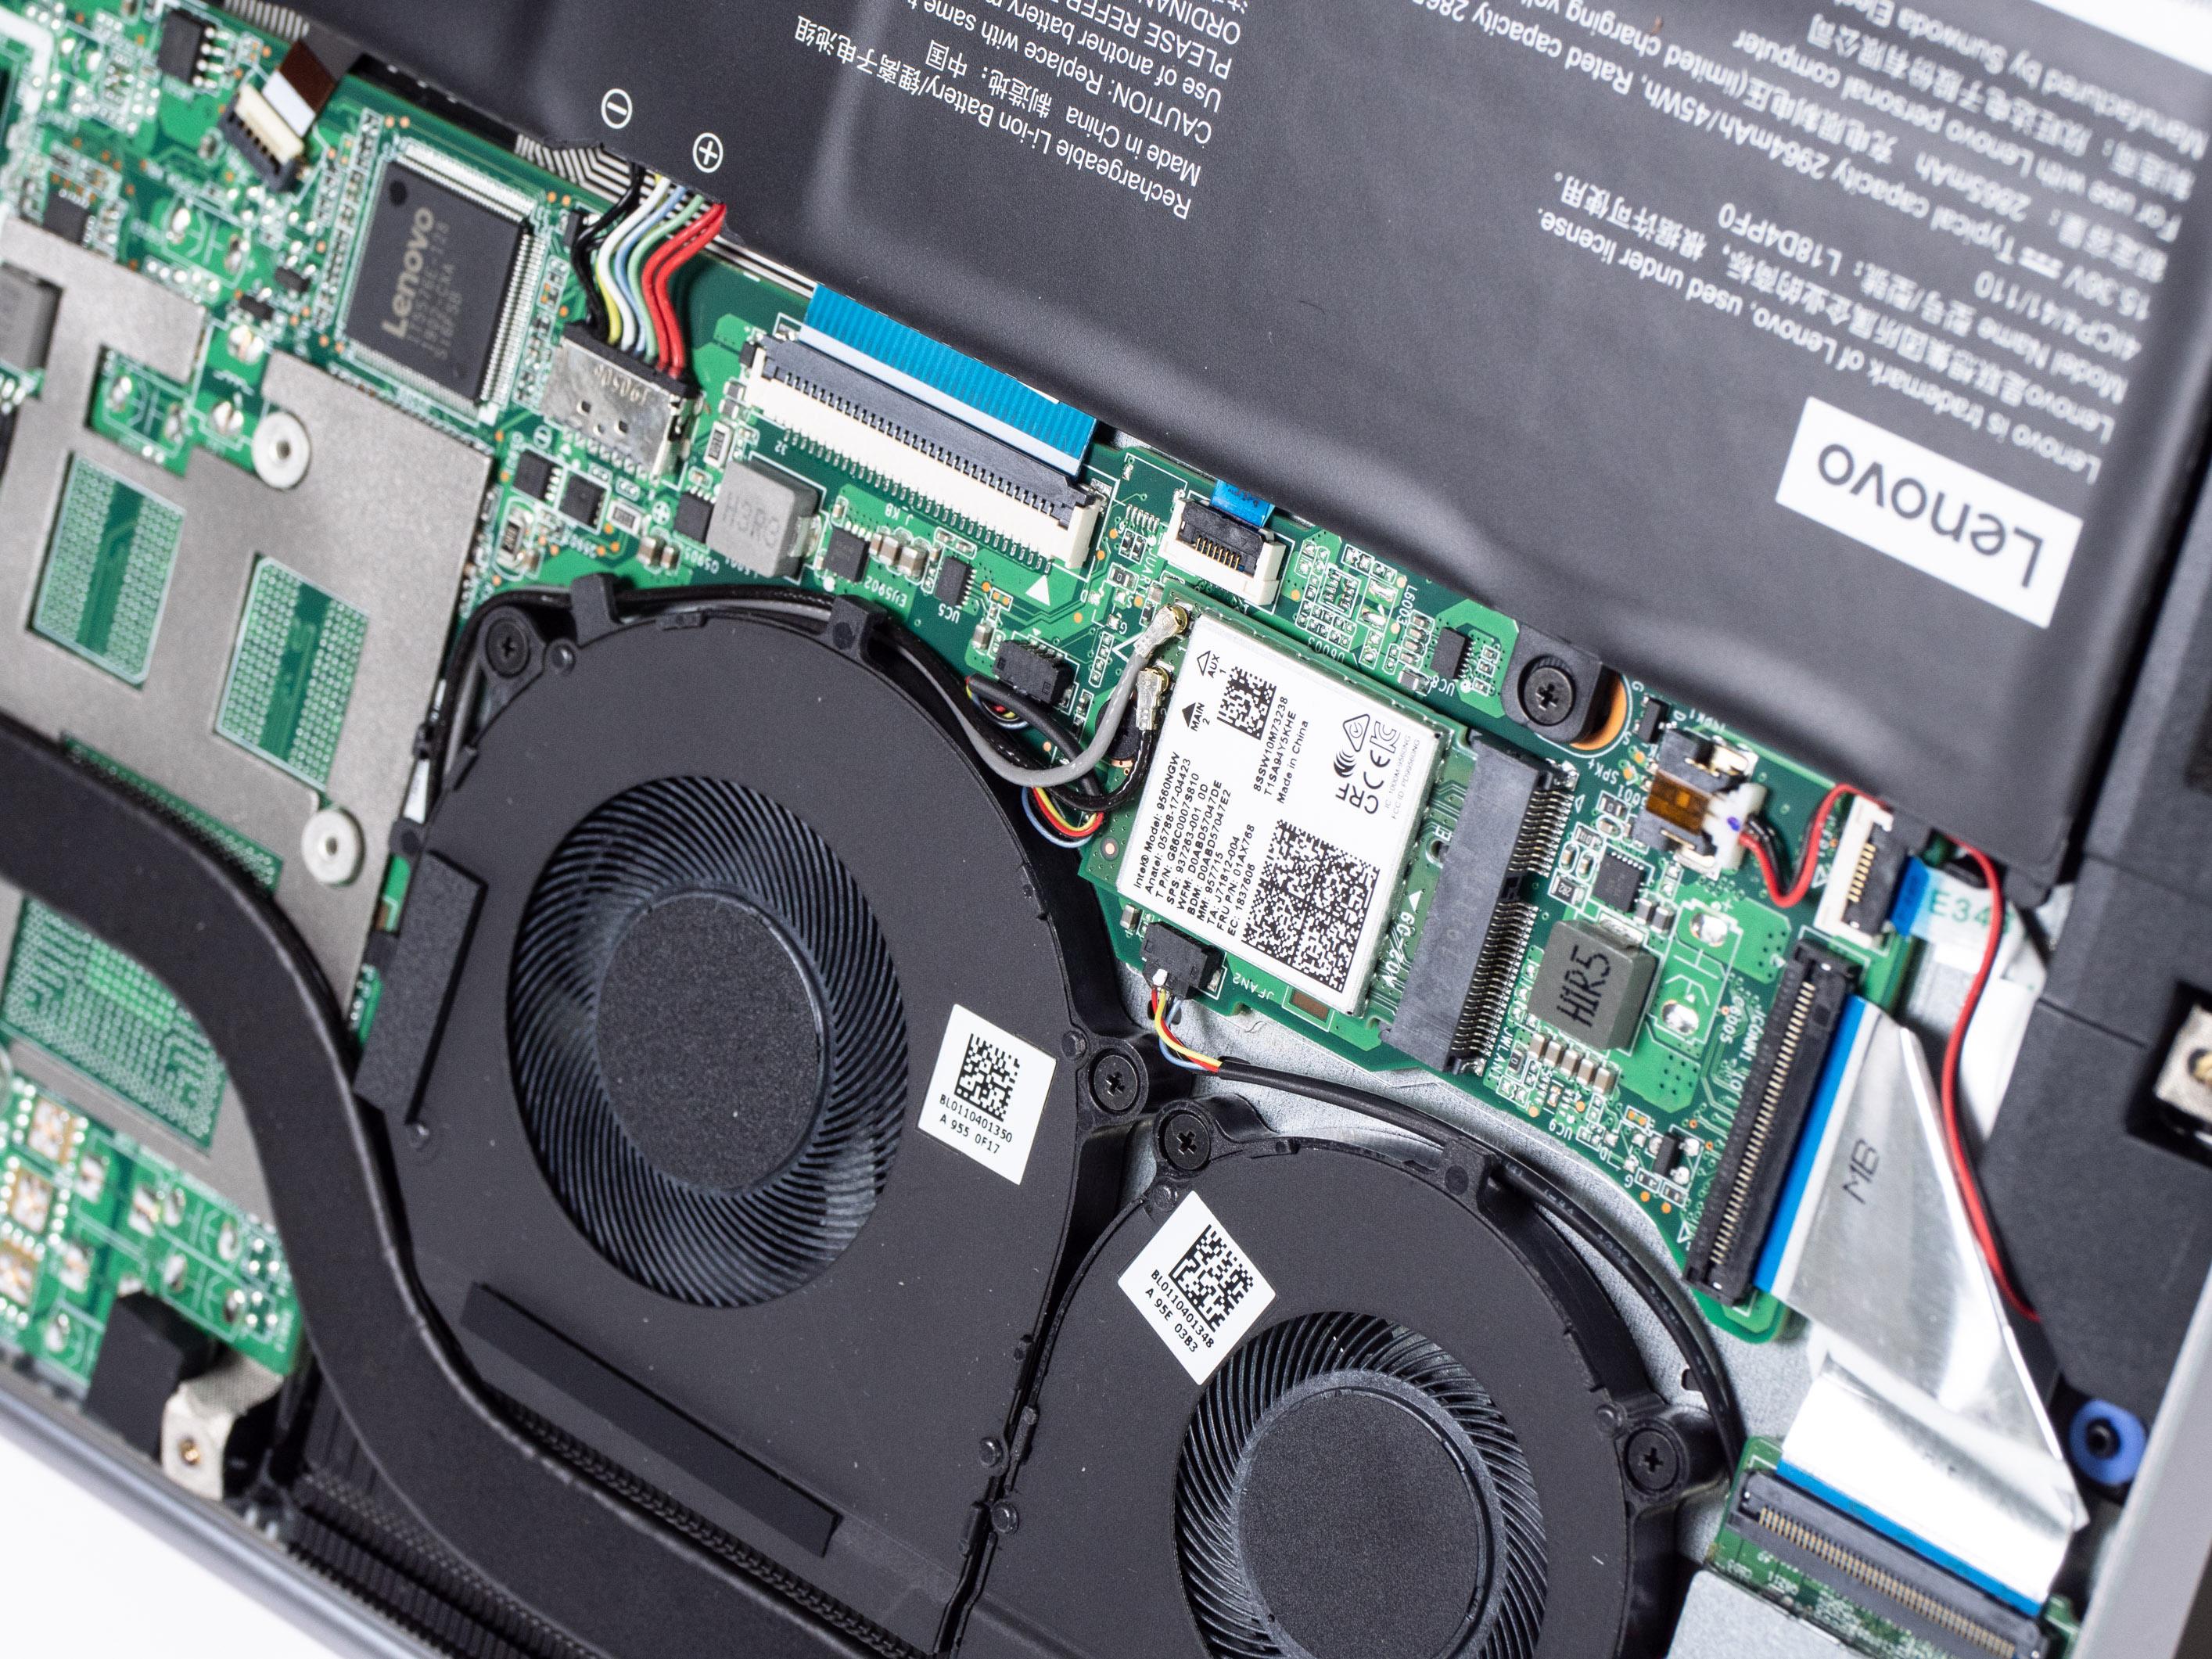 Lenovo Thinkbook 13s im Test: Ein schickes Ultrabook muss nicht teuer sein - Komponenten lassen sich tauschen (Bild: Martin Wolf/Golem.de)